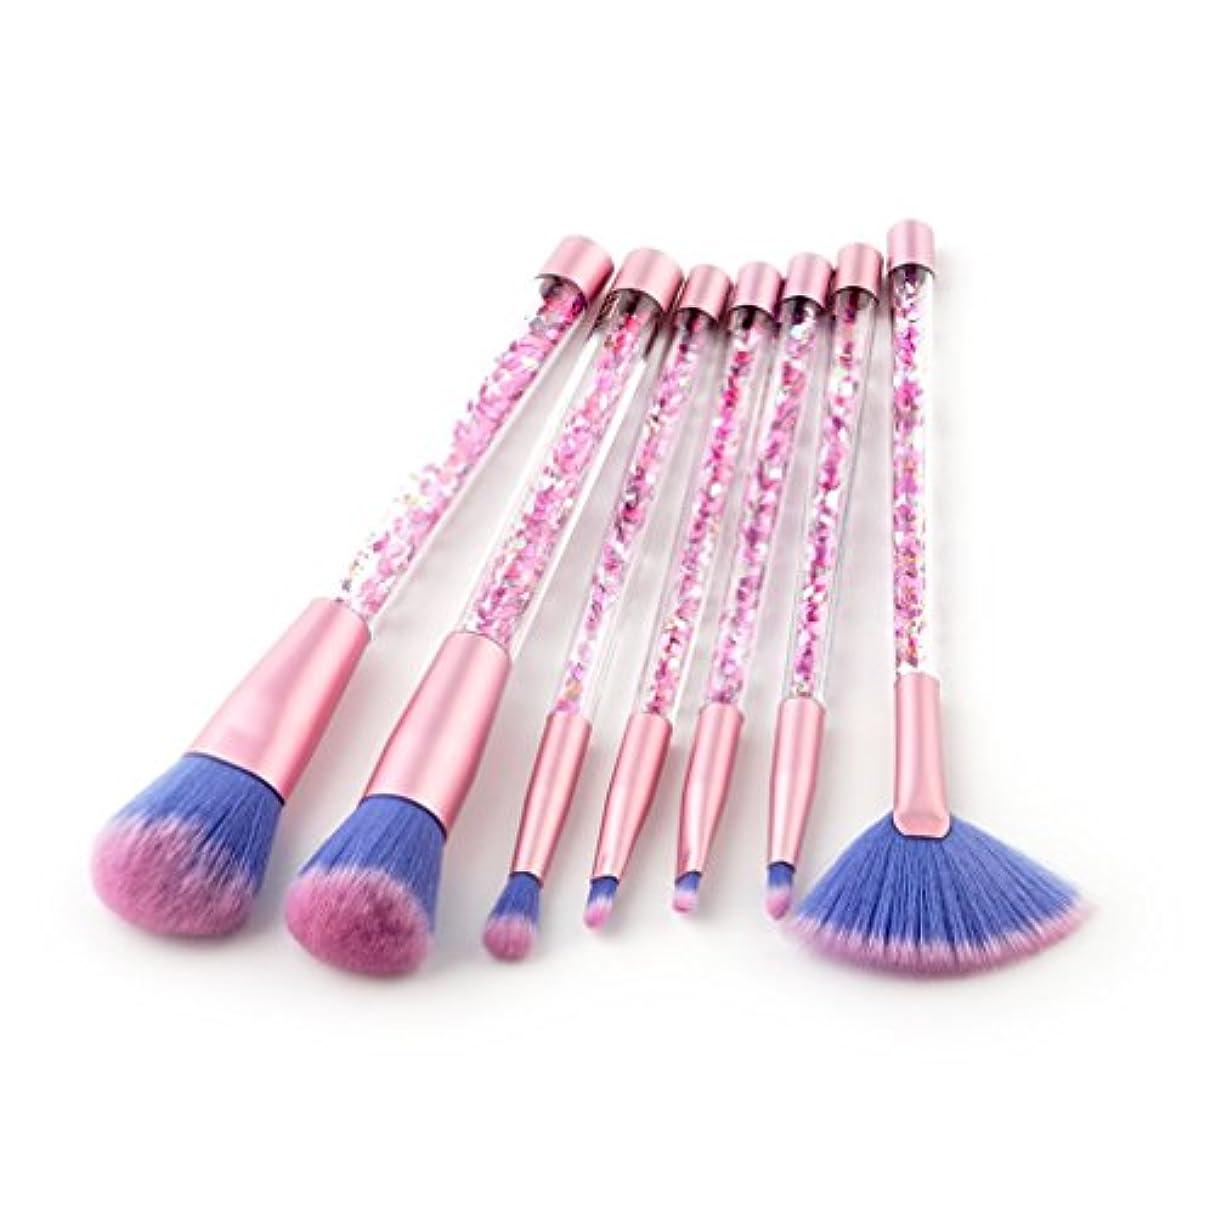 基準フロンティアチョコレートDilla Beauty 7本セットクイックとユニコーンシリーズシャイニークリスタルリキッドプラスチックハンドルメイクブラシセットコンシーラーブラシ美容メイクアップ化粧ツールキット (ブルーピンク)